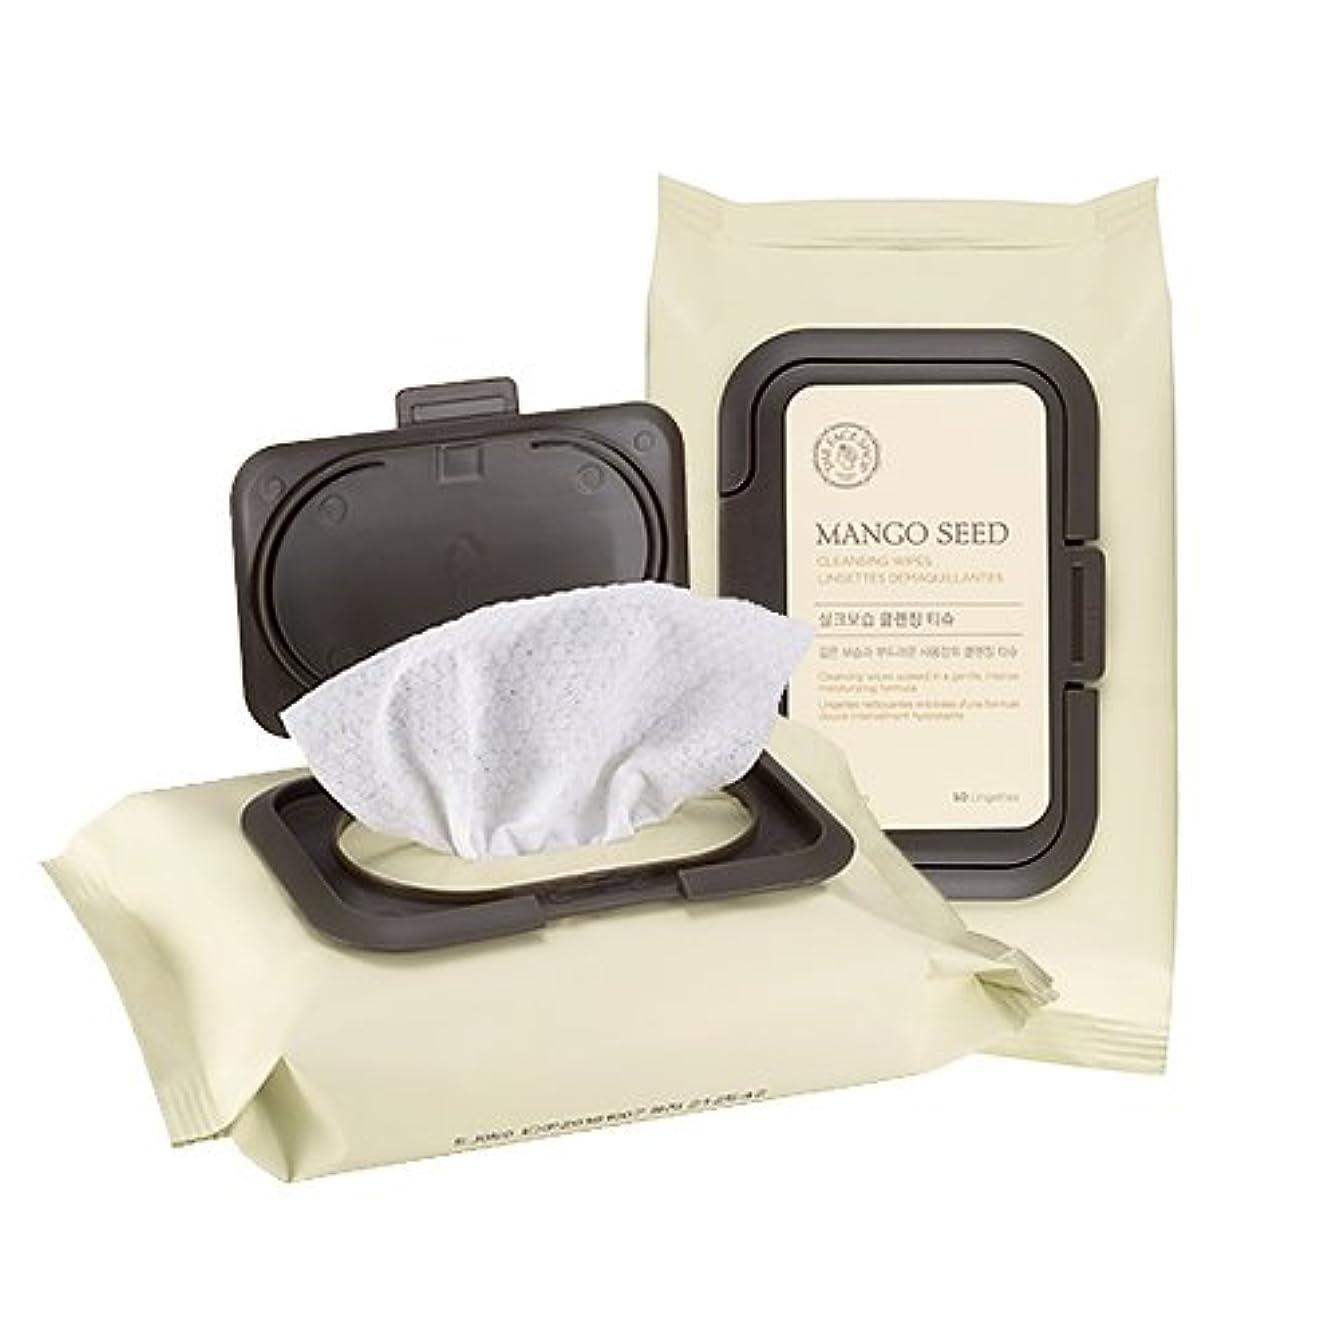 ねじれビット市場THE FACE SHOP Mango Seed Cleansing Tissue ザフェイスショップ マンゴシード シルク 保湿 クレンジング ティッシュ (50枚) [並行輸入品]